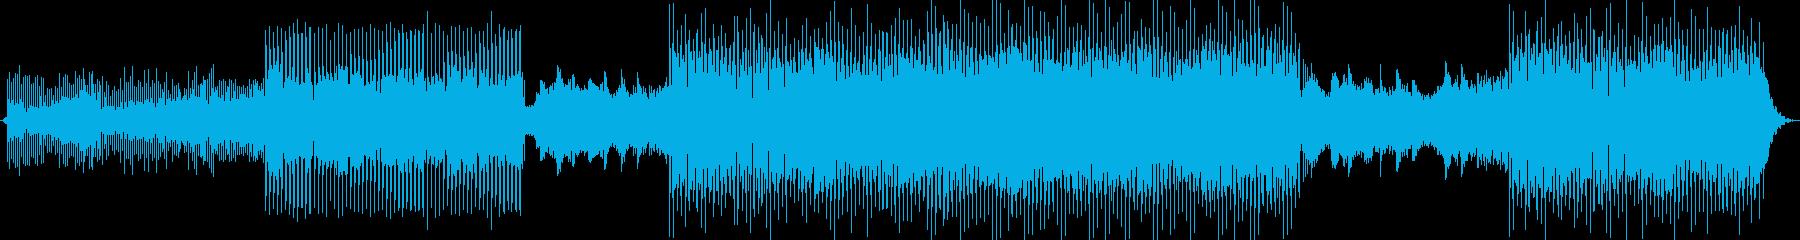 おしゃれでかわいいテクノポップBGMの再生済みの波形